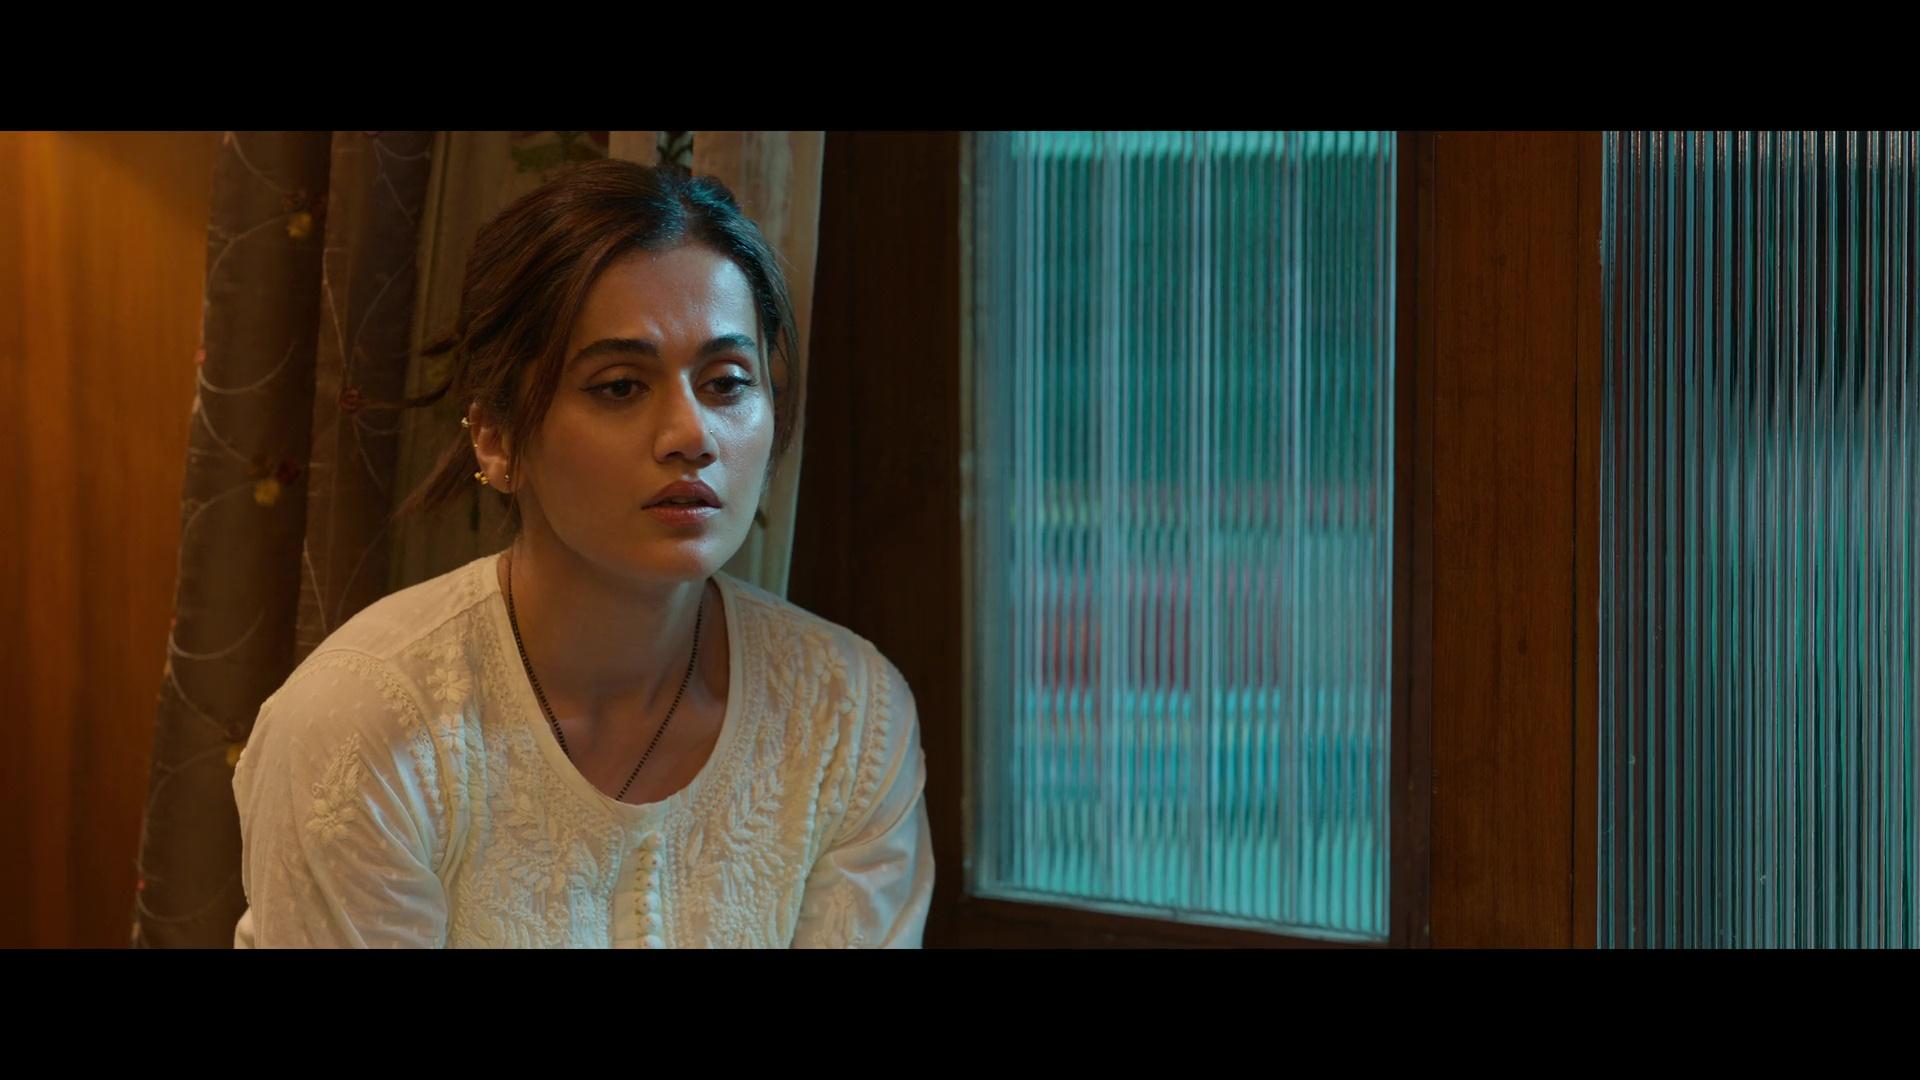 La belleza y el enigma (2021) 1080p WEB-DL Latino